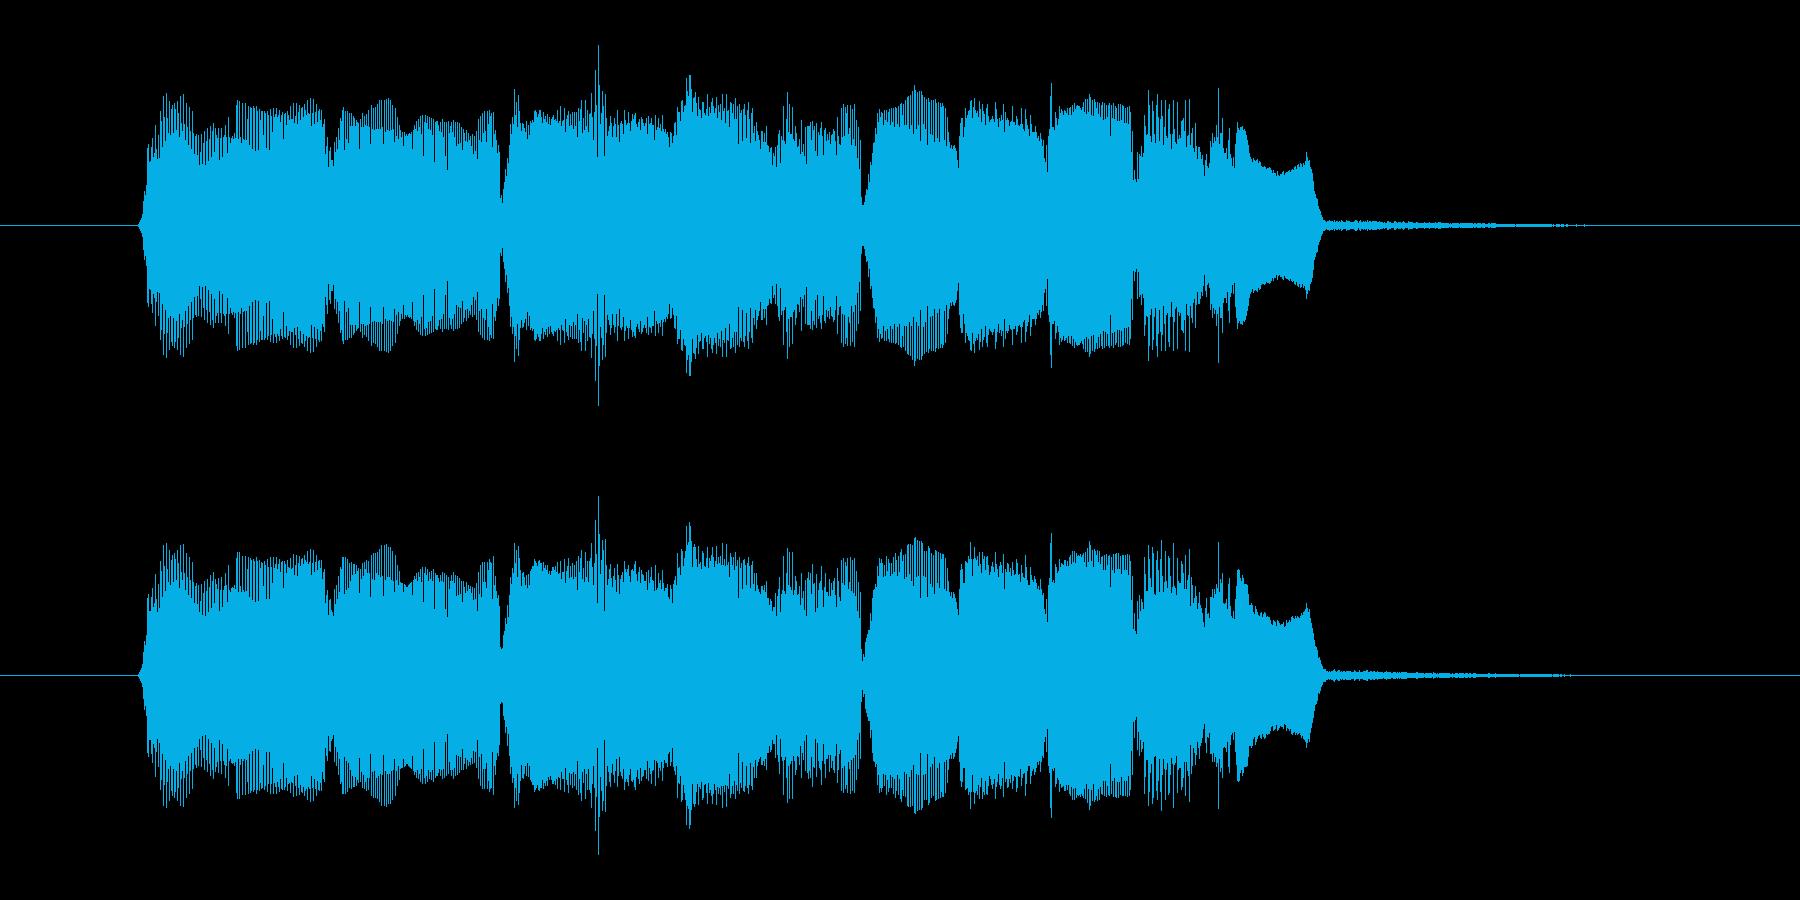 明るいオルガン音(ジングル、転換)の再生済みの波形